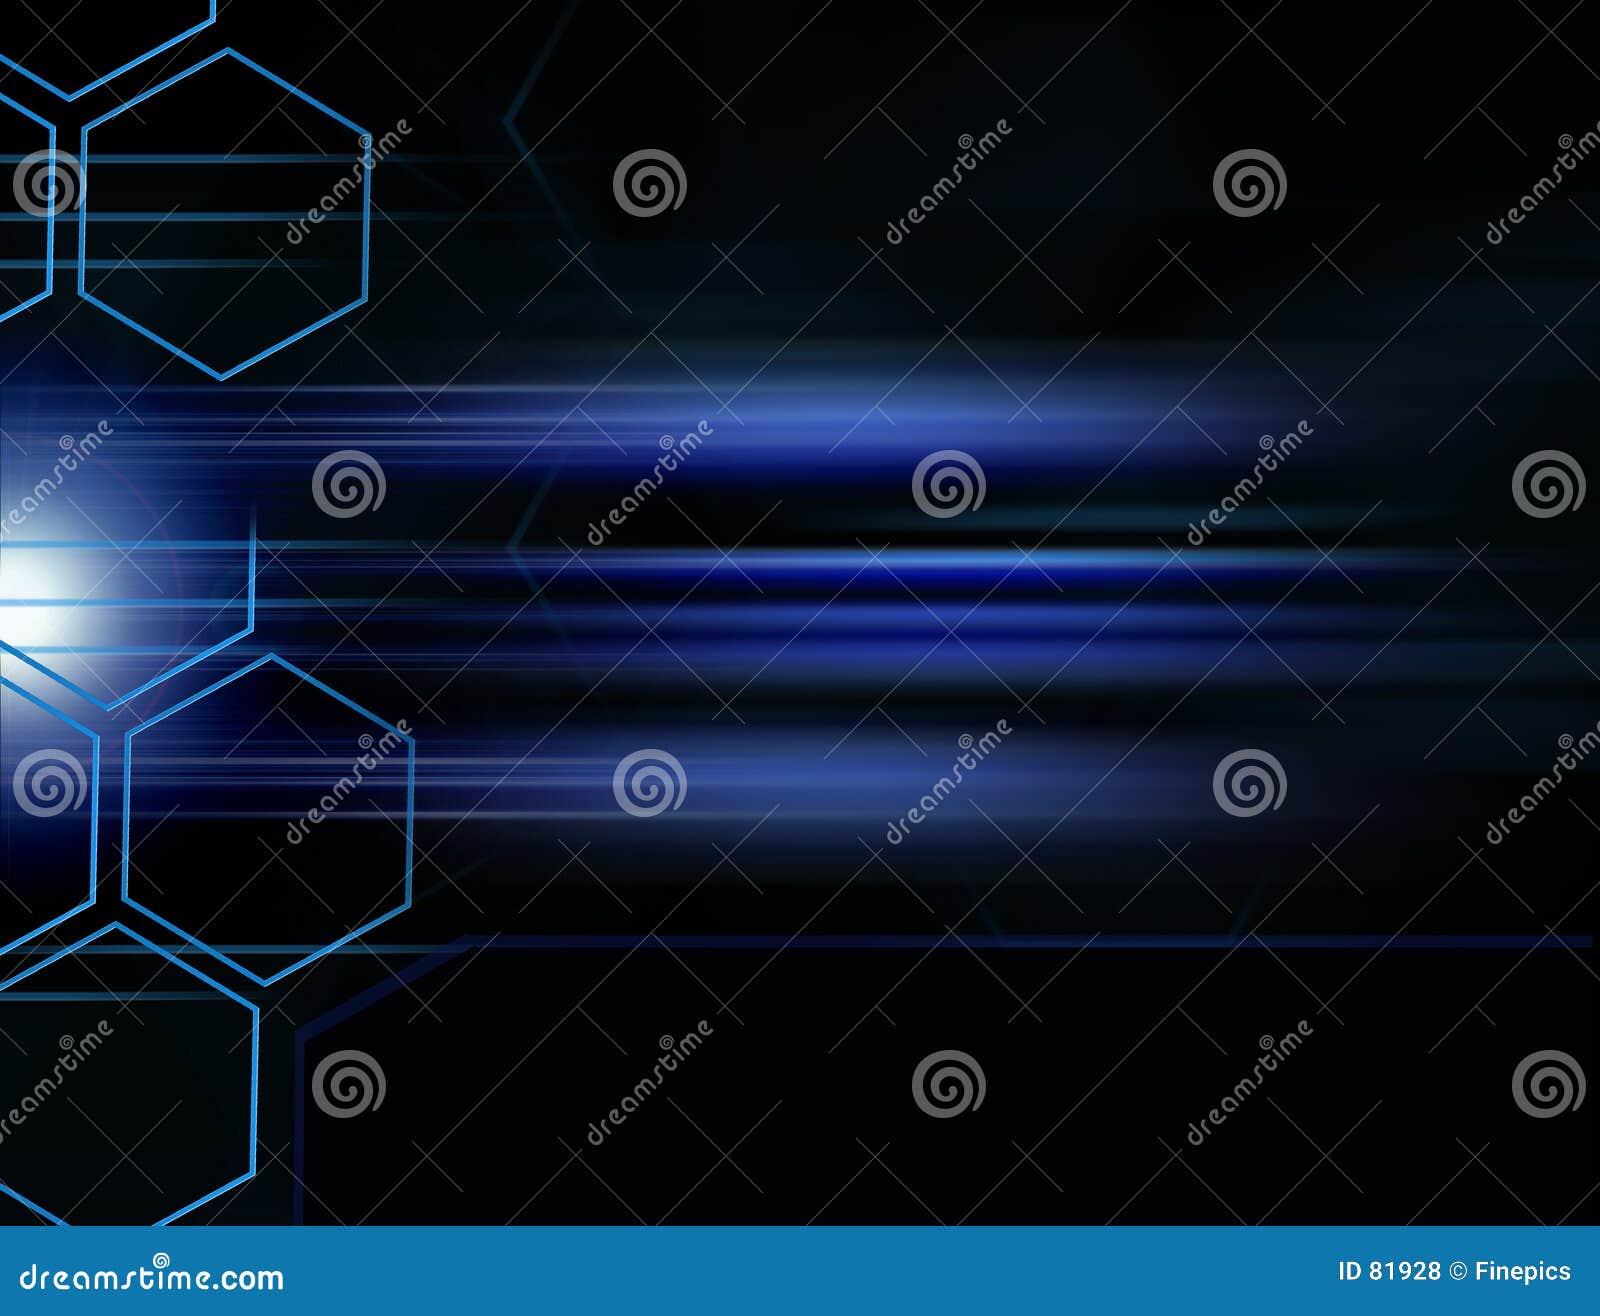 Sieć cyfrowa tło